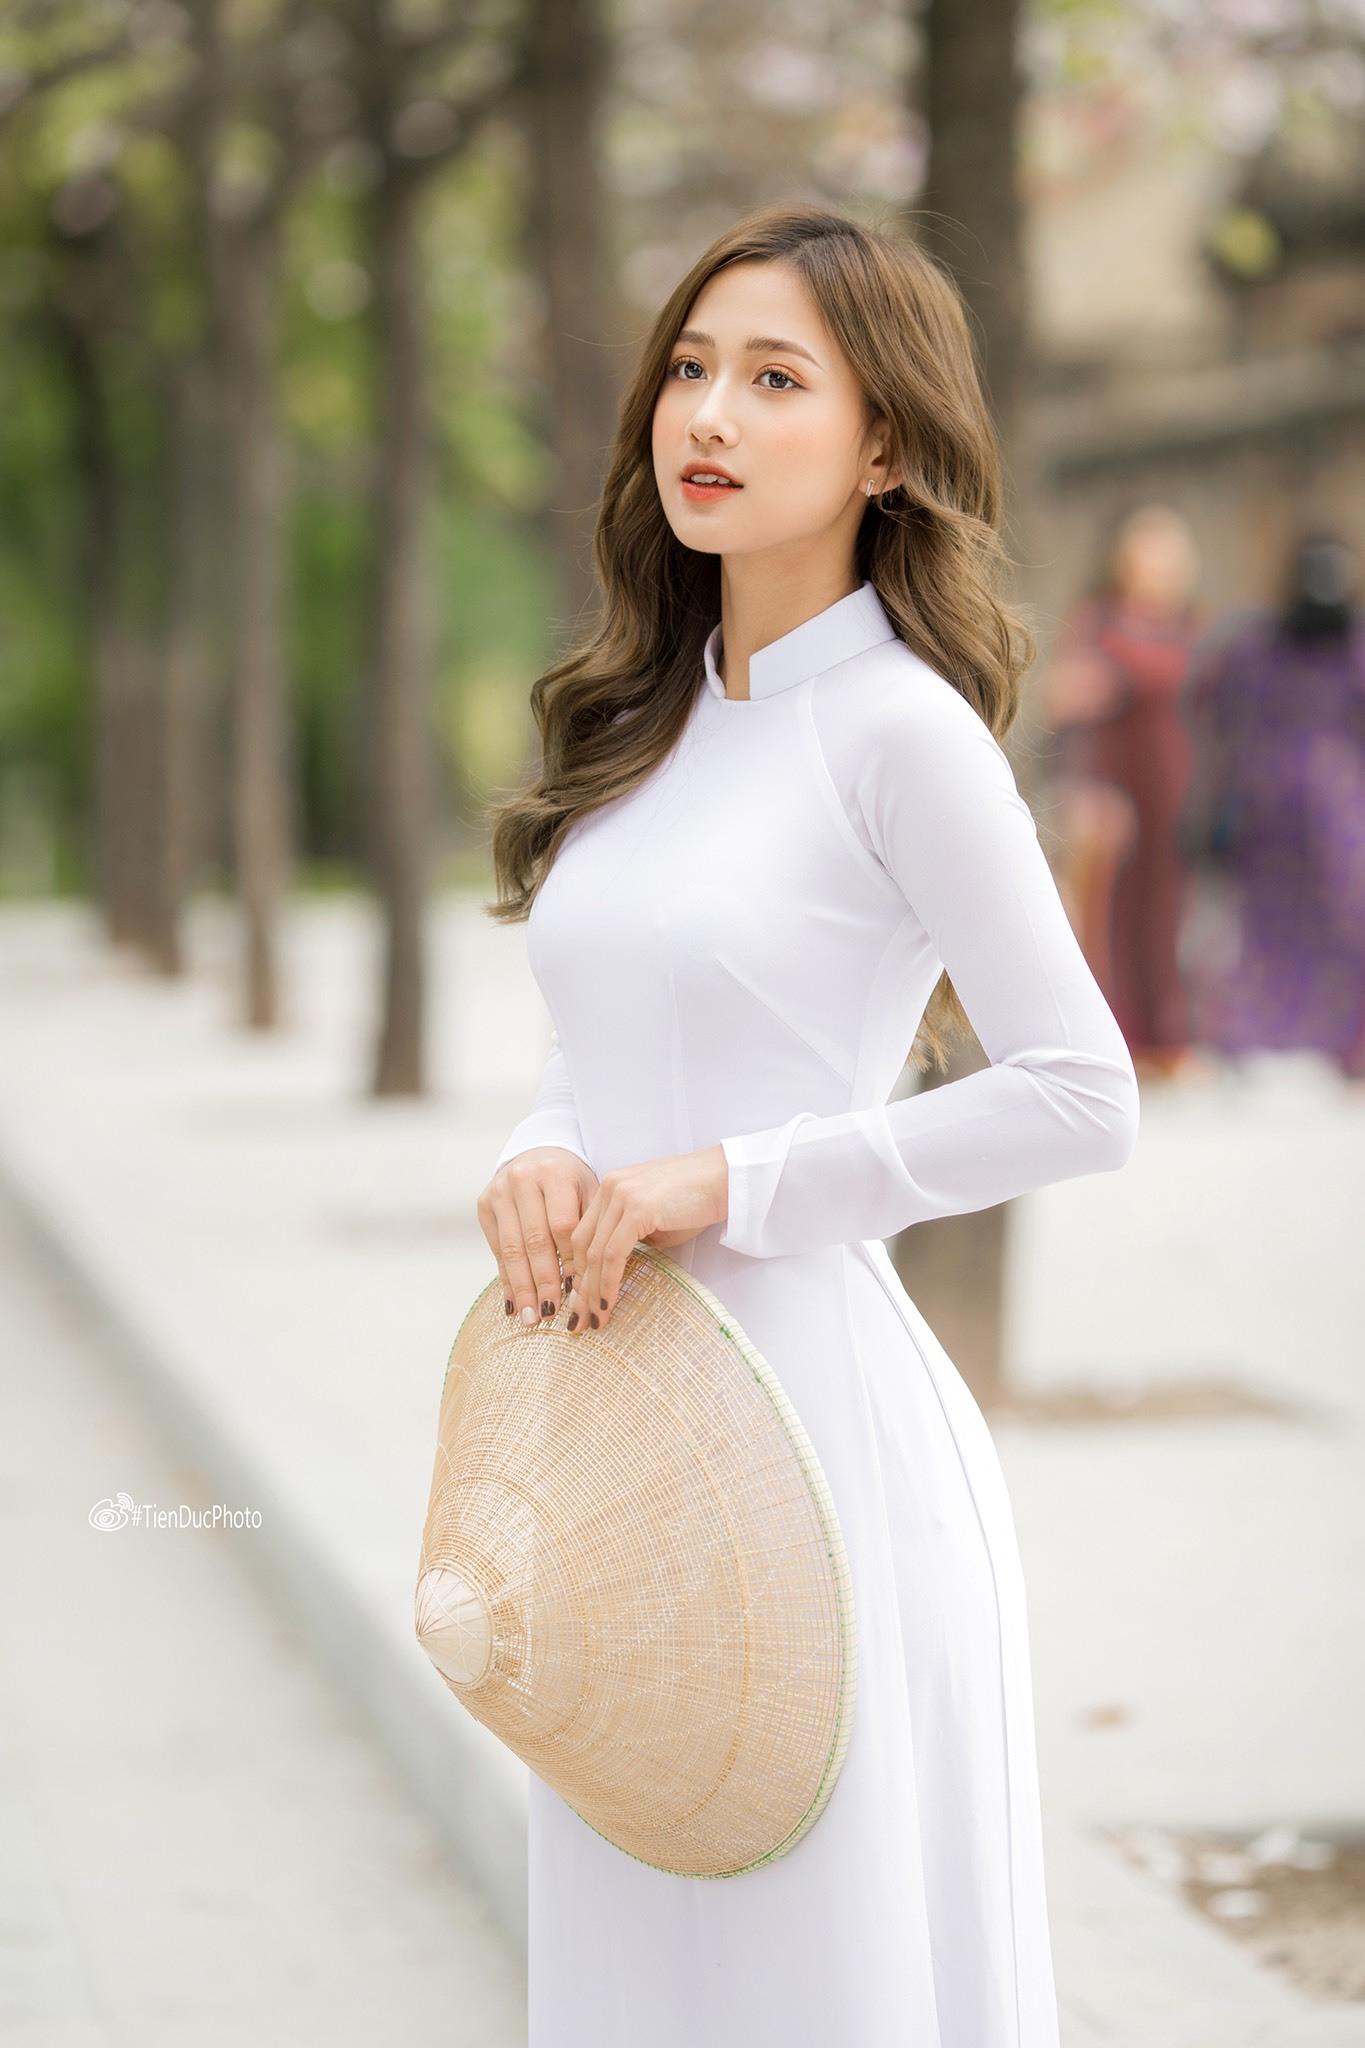 Bật mí về cô gái ngọt ngào trong MV Sai cách yêu đang 'làm mưa làm gió' trên Youtube